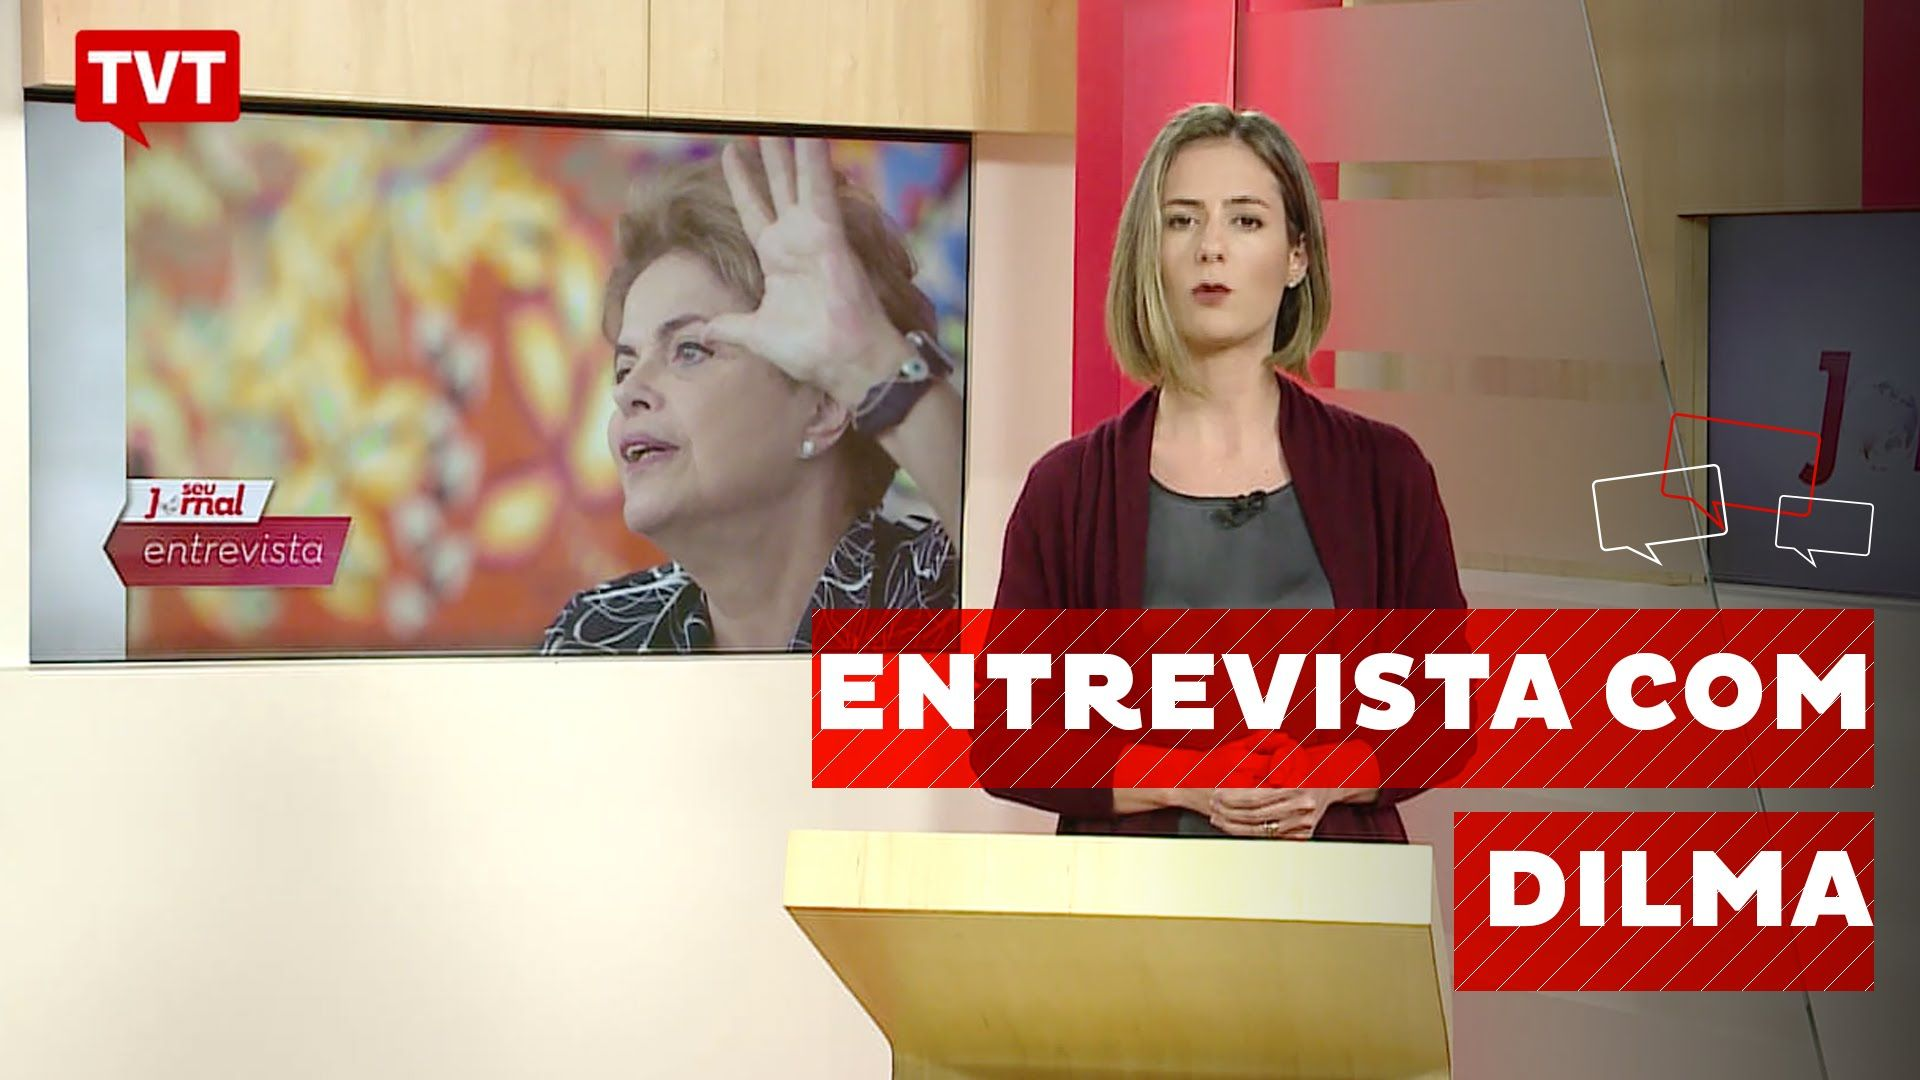 """Dilma: """"Eles não me tiraram, eu continuo sendo presidenta"""""""